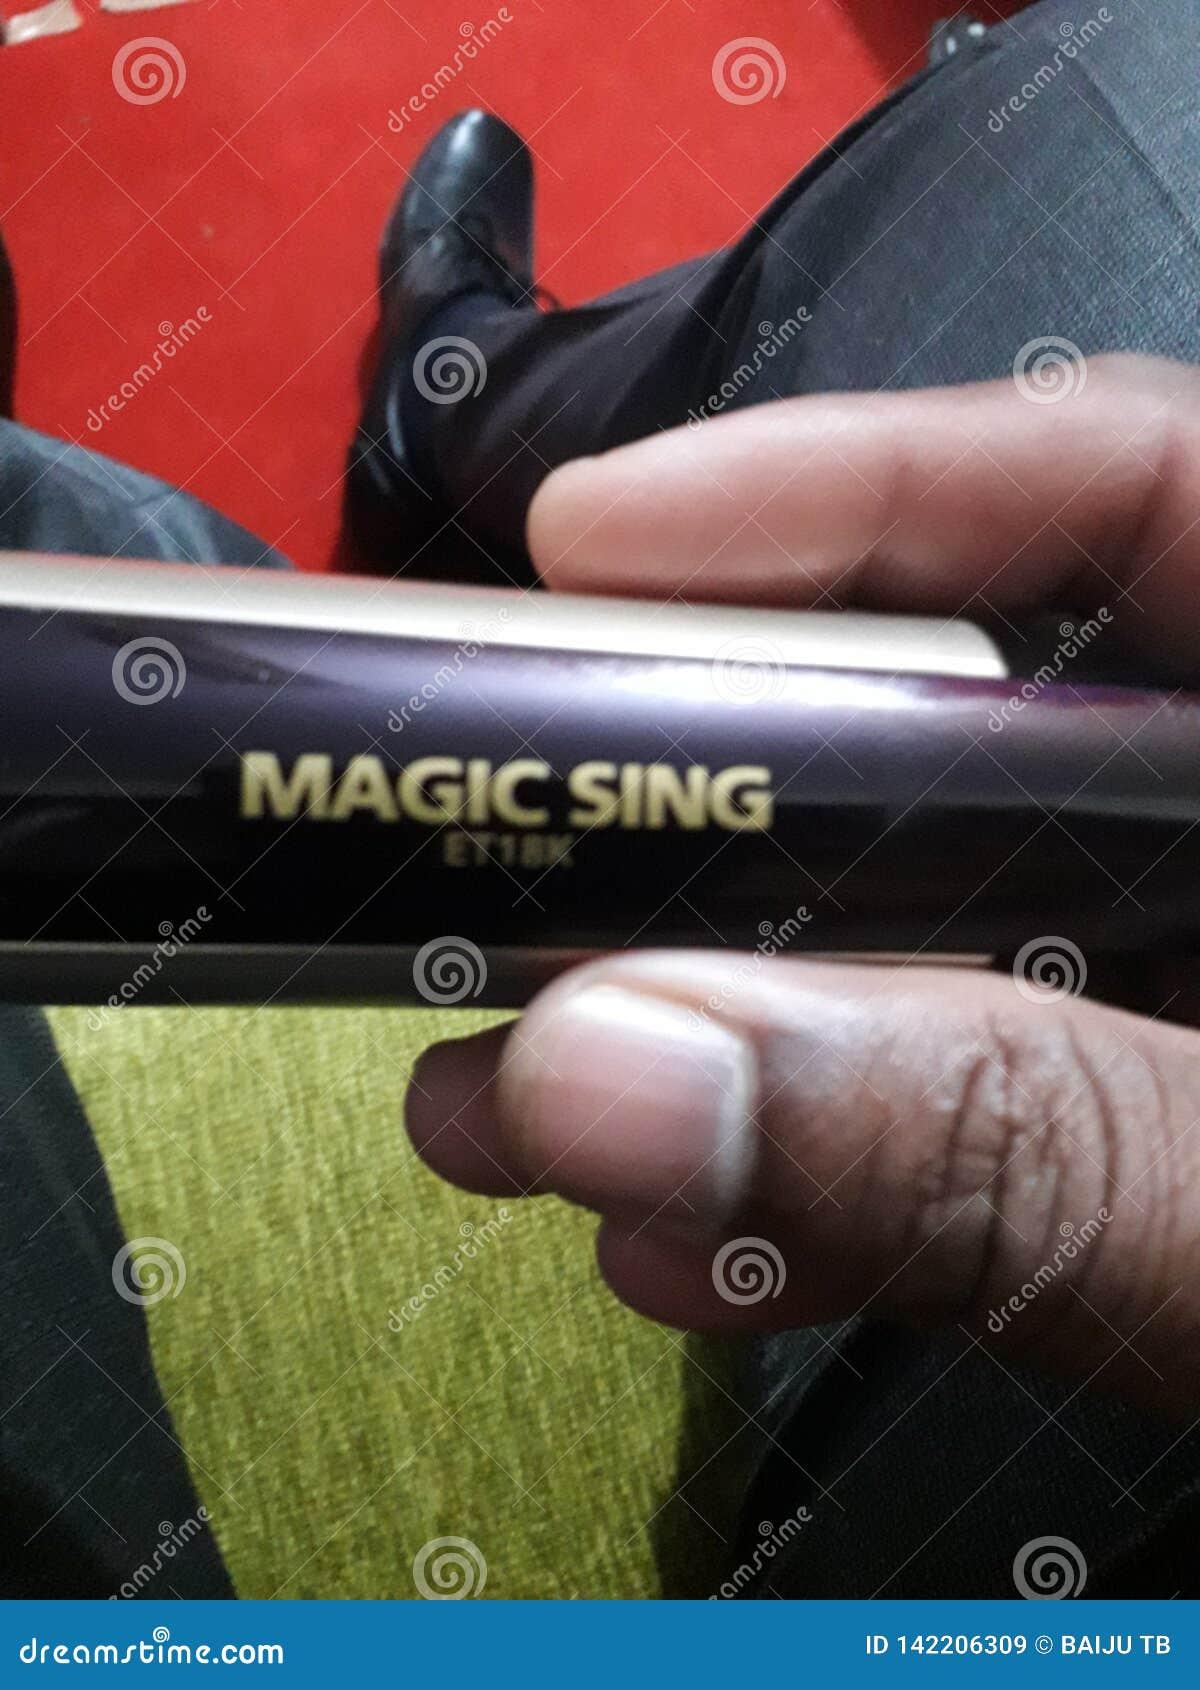 Magi sjunger karoke för att sjunga